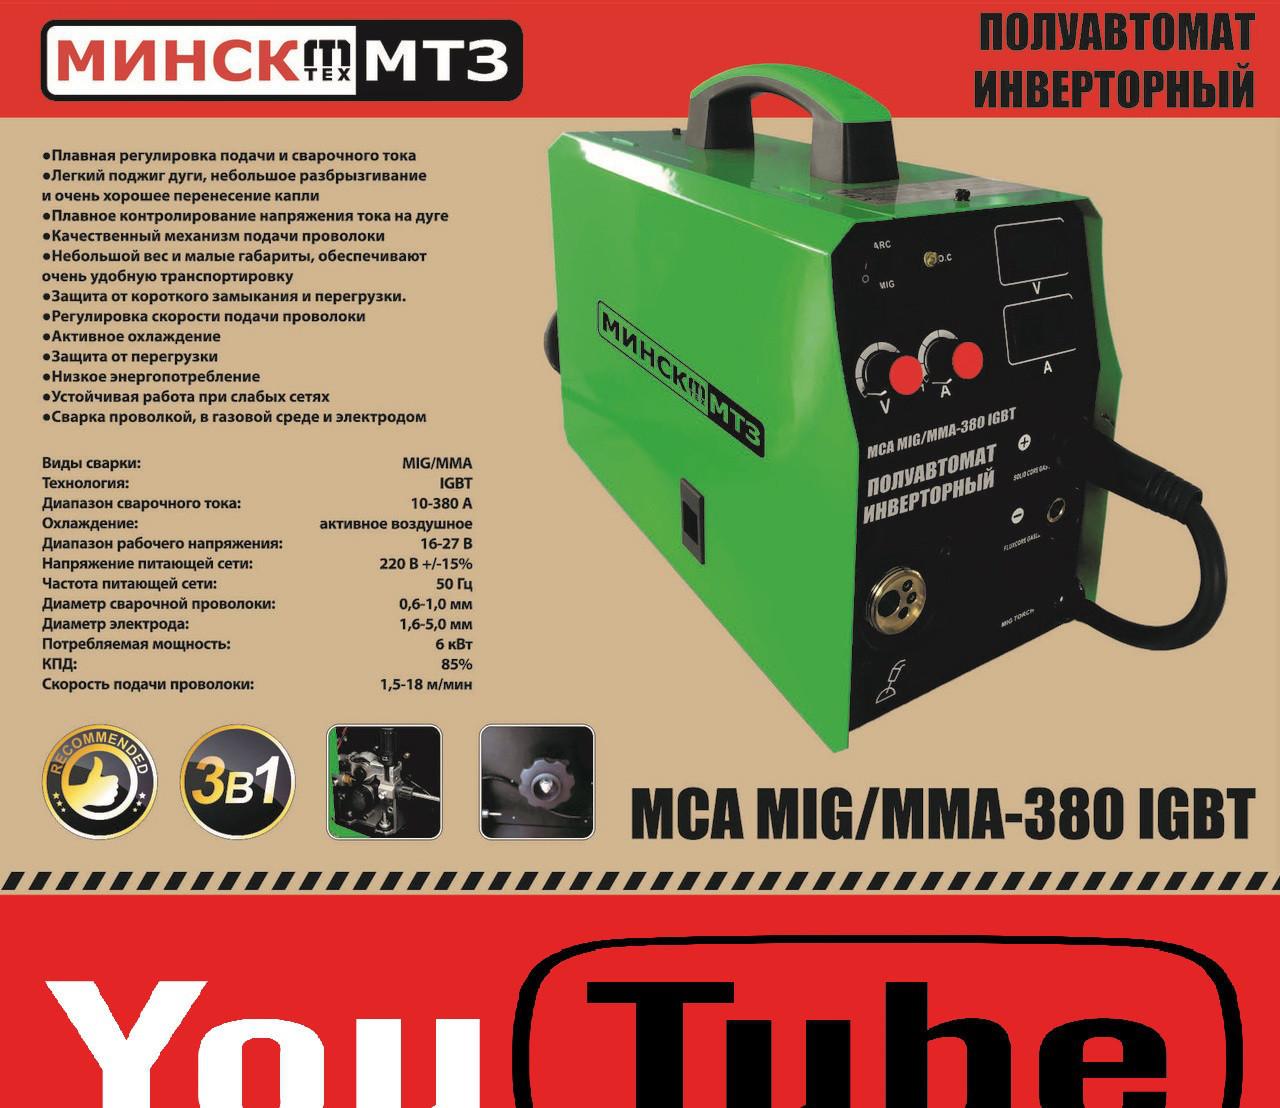 Полуавтомат Минск Mig 380 MMA/MIG/Tig